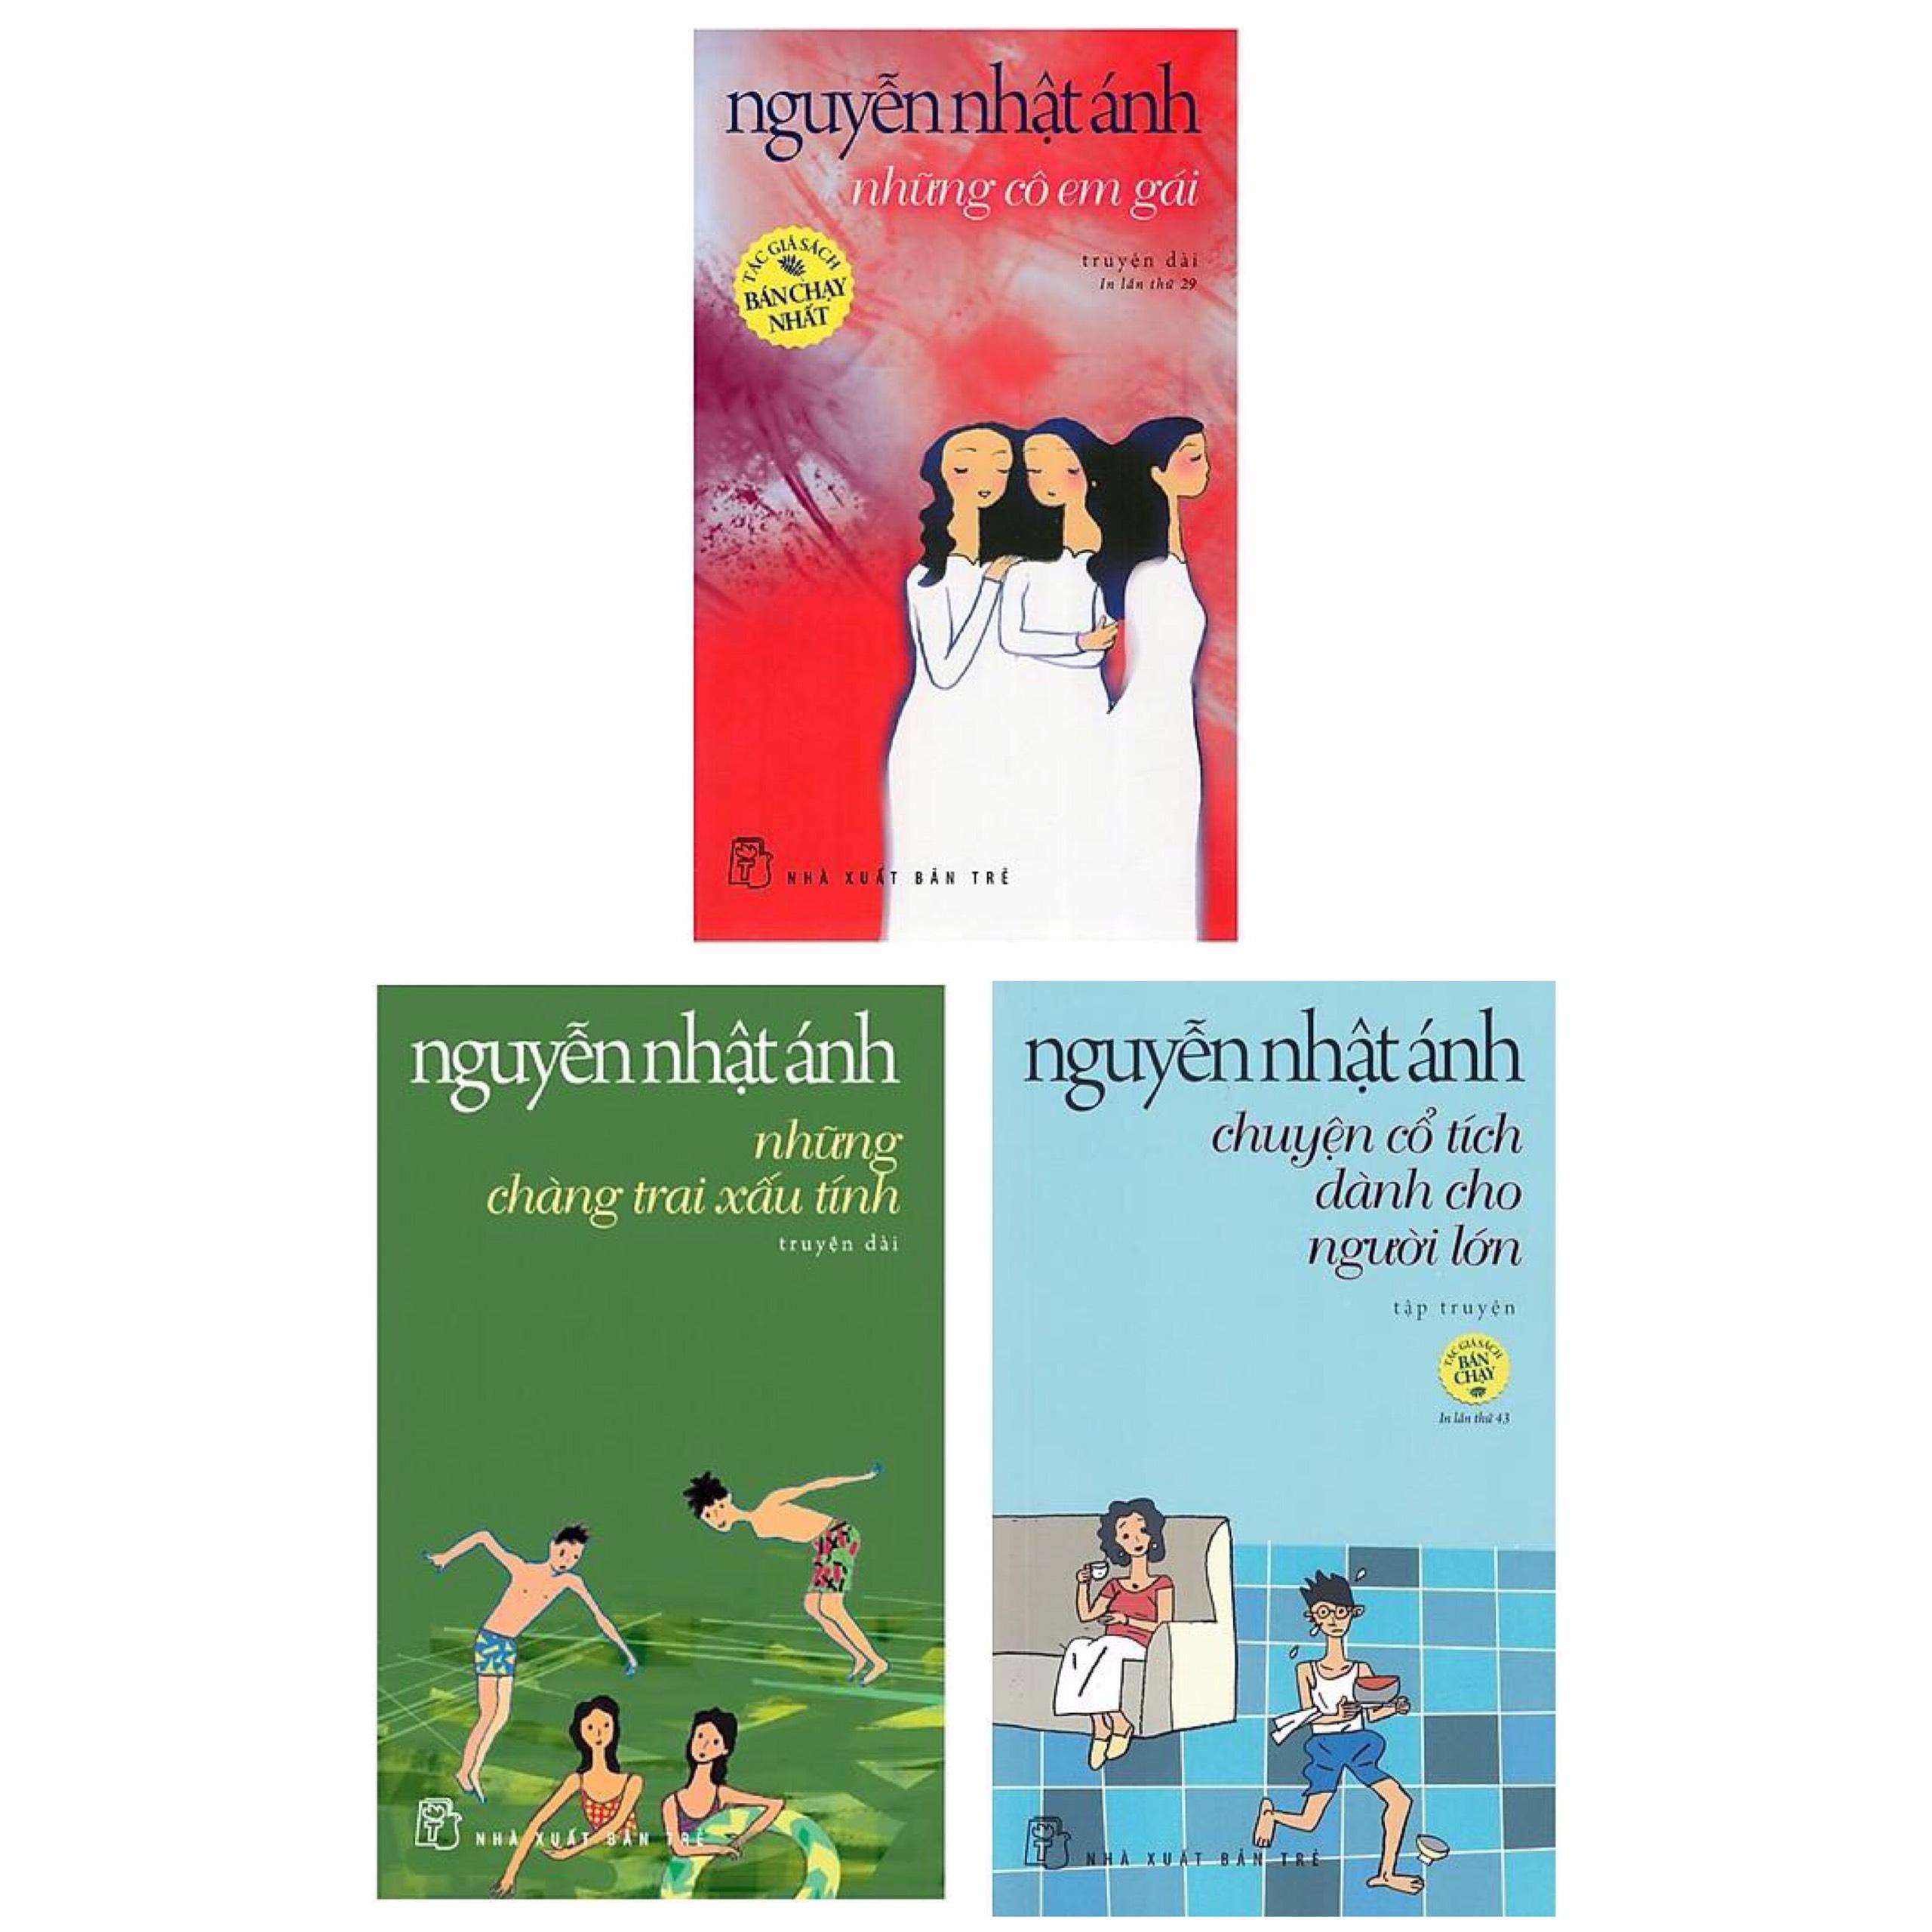 Combo Truyện Đặc Sắc Của Tác Giả Nguyễn Nhật Ánh: Những Chàng Trai Xấu Tính (Truyện Dài) - Tái Bản + Những Cô Em Gái (Tái Bản) + Chuyện Cổ Tích Dành Cho Người Lớn (Tái Bản)